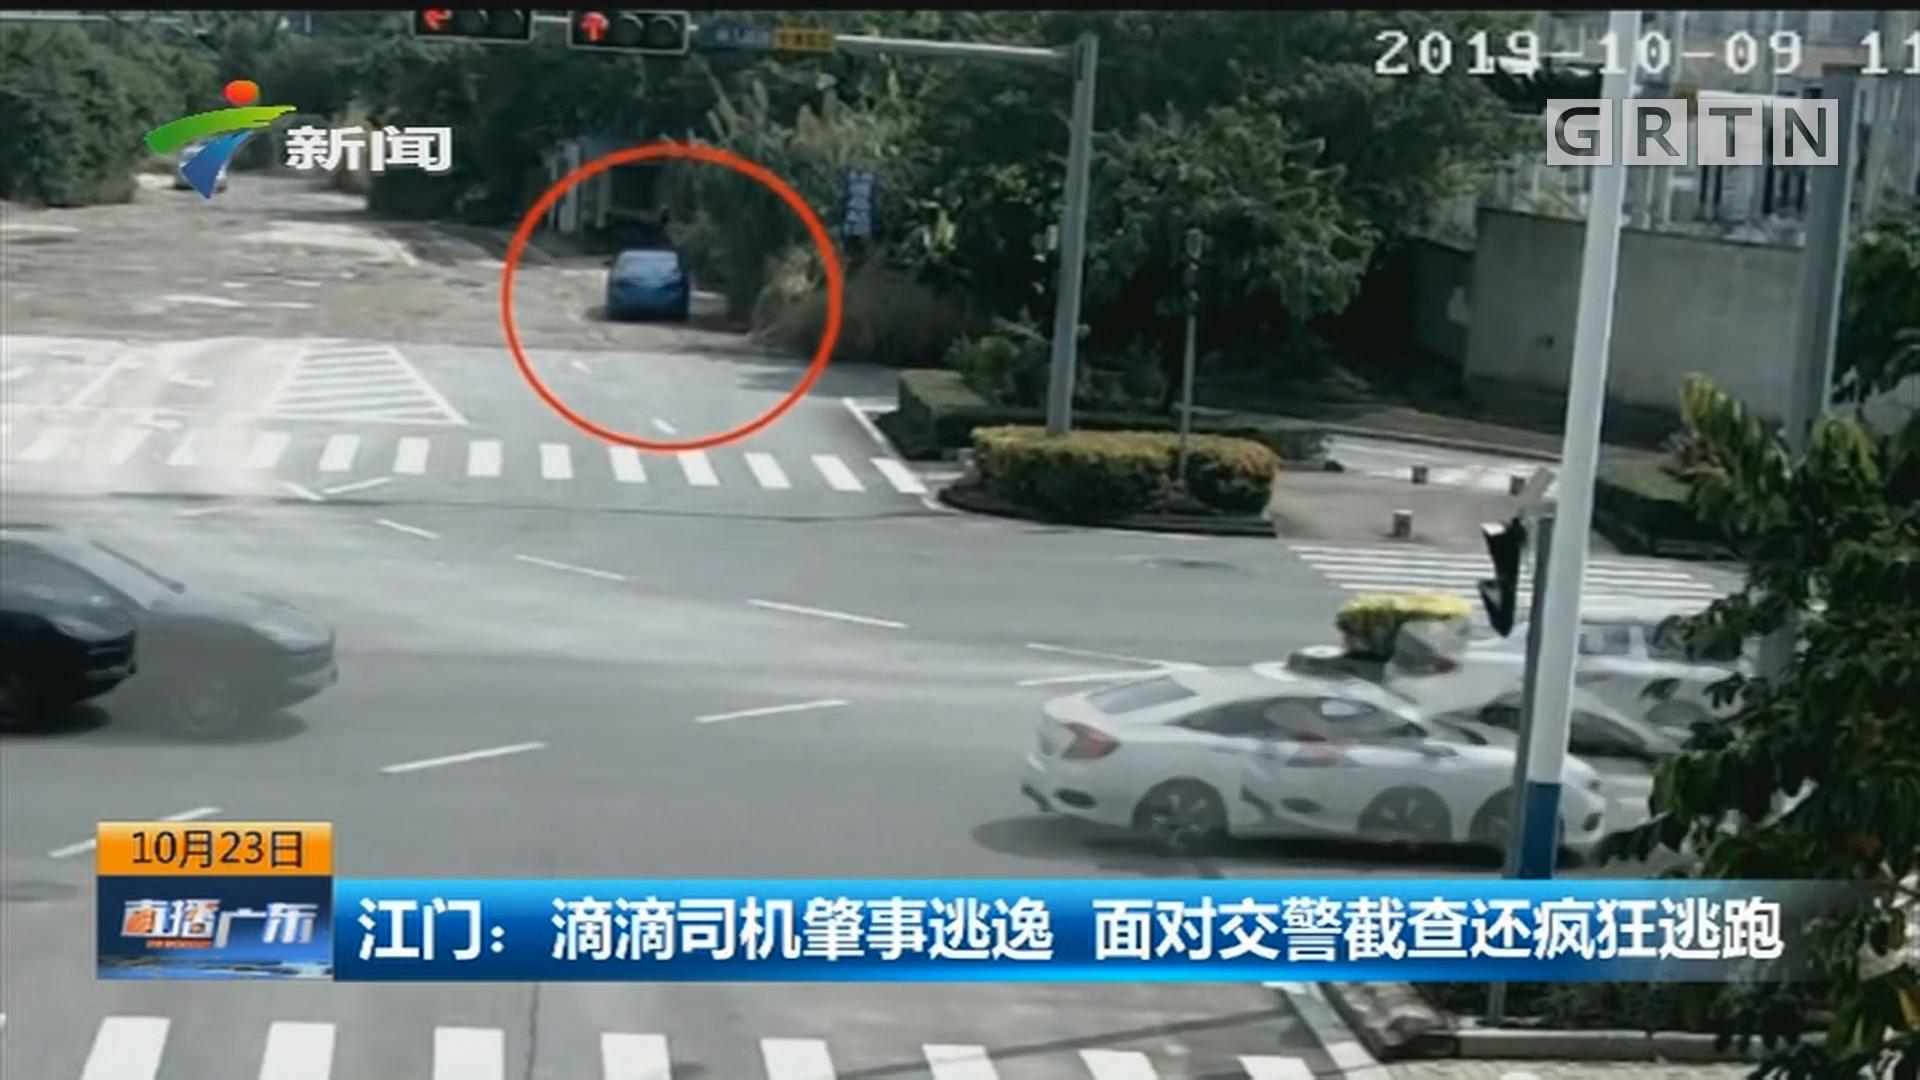 江门:滴滴司机肇事逃逸 面对交警截查还疯狂逃跑